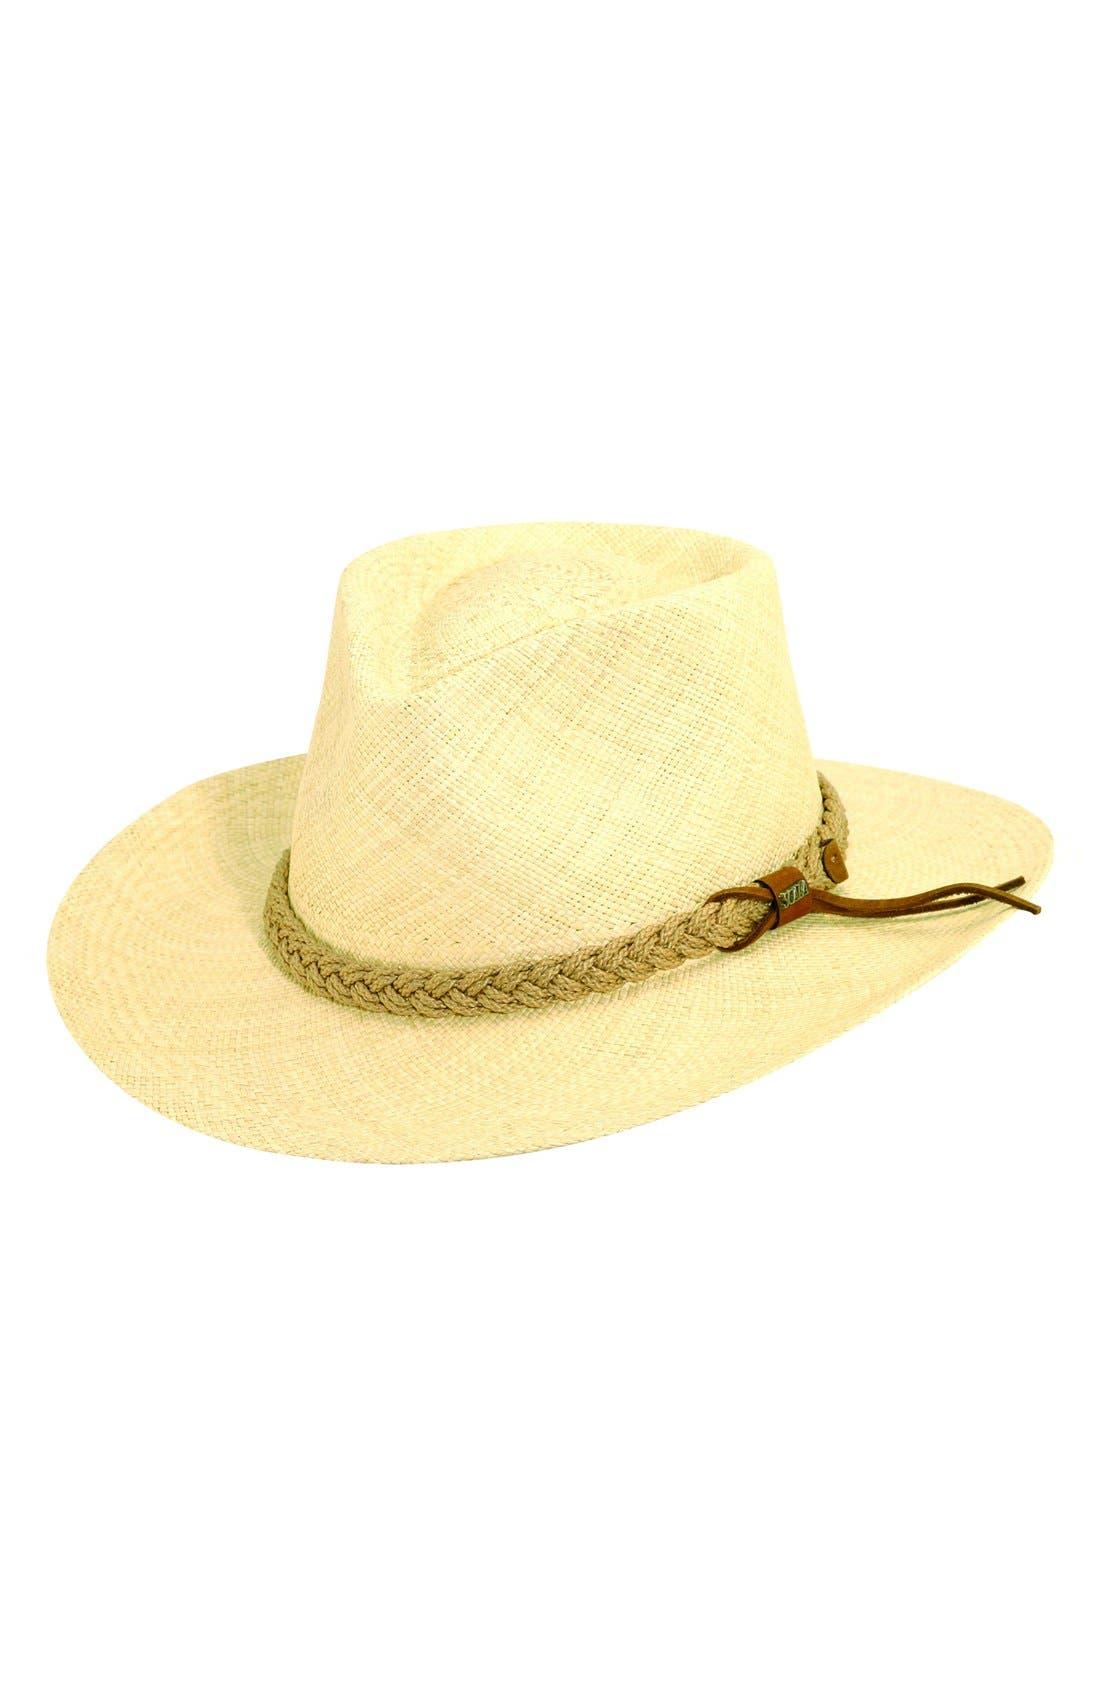 Main Image - Scala Panama Straw Outback Hat